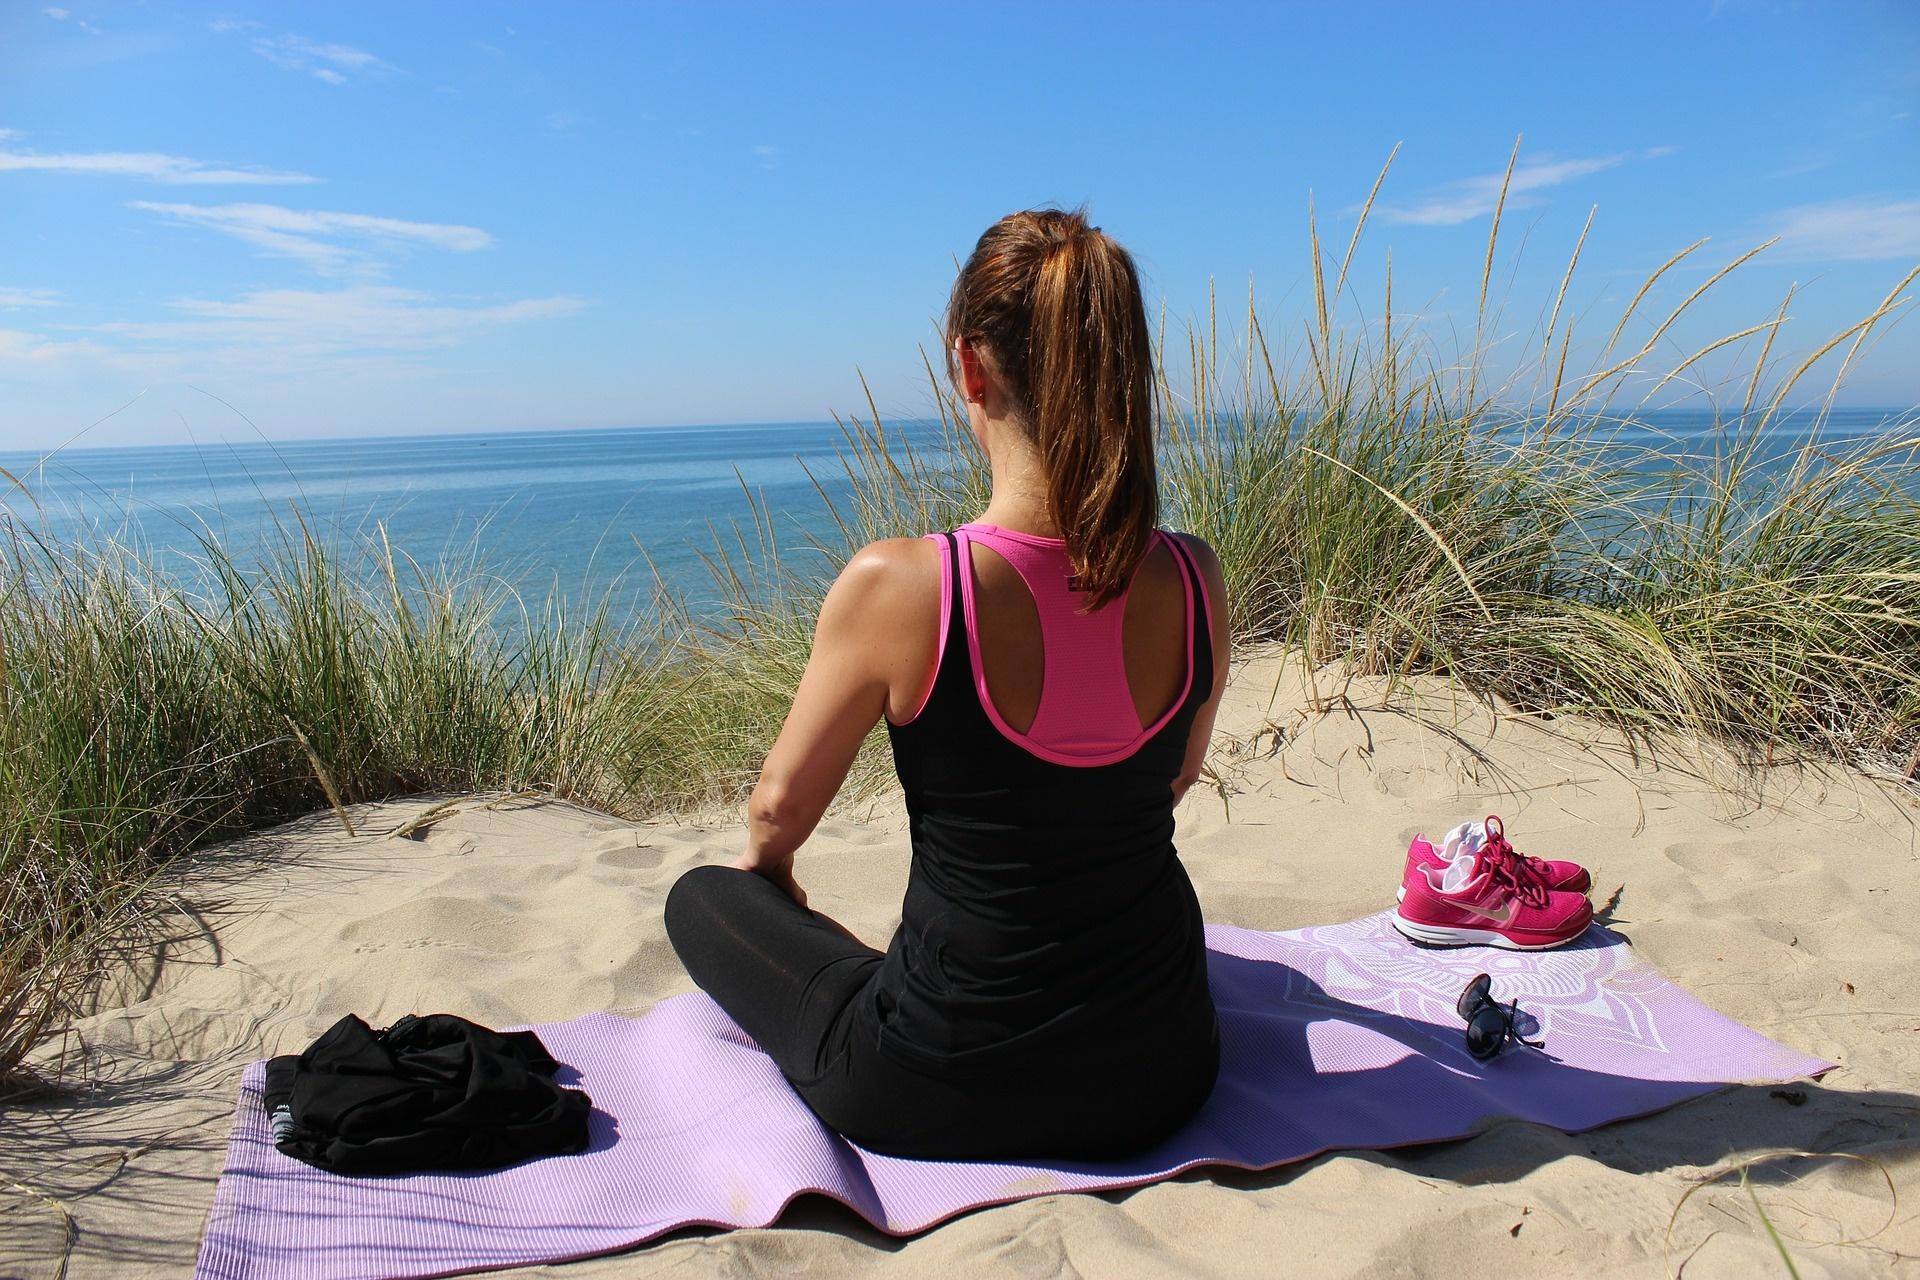 Fitoterapia i medytacja, czyli jak rozjaśnić swój umysł